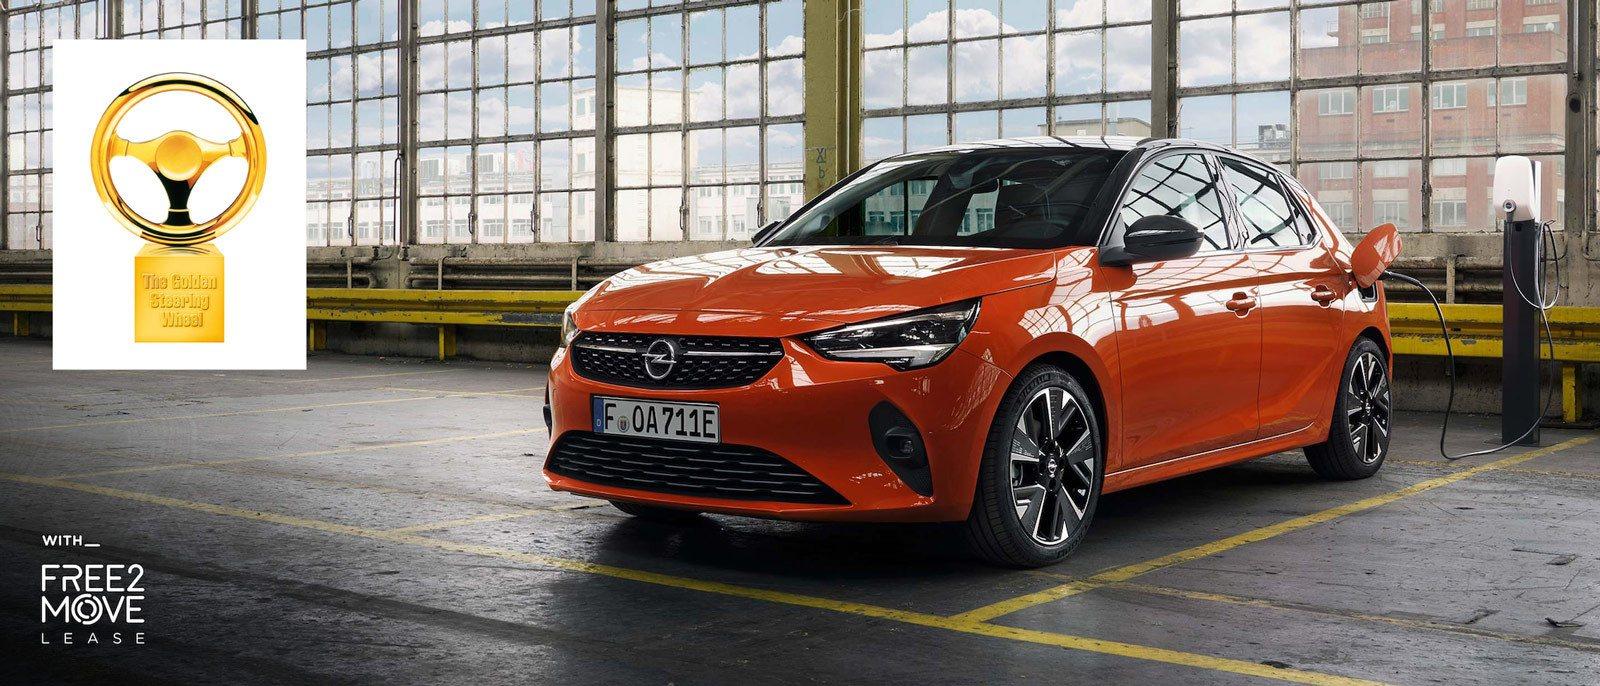 Elektryk Opel Corsa-e Złota Kierownica, Free2Move Lease